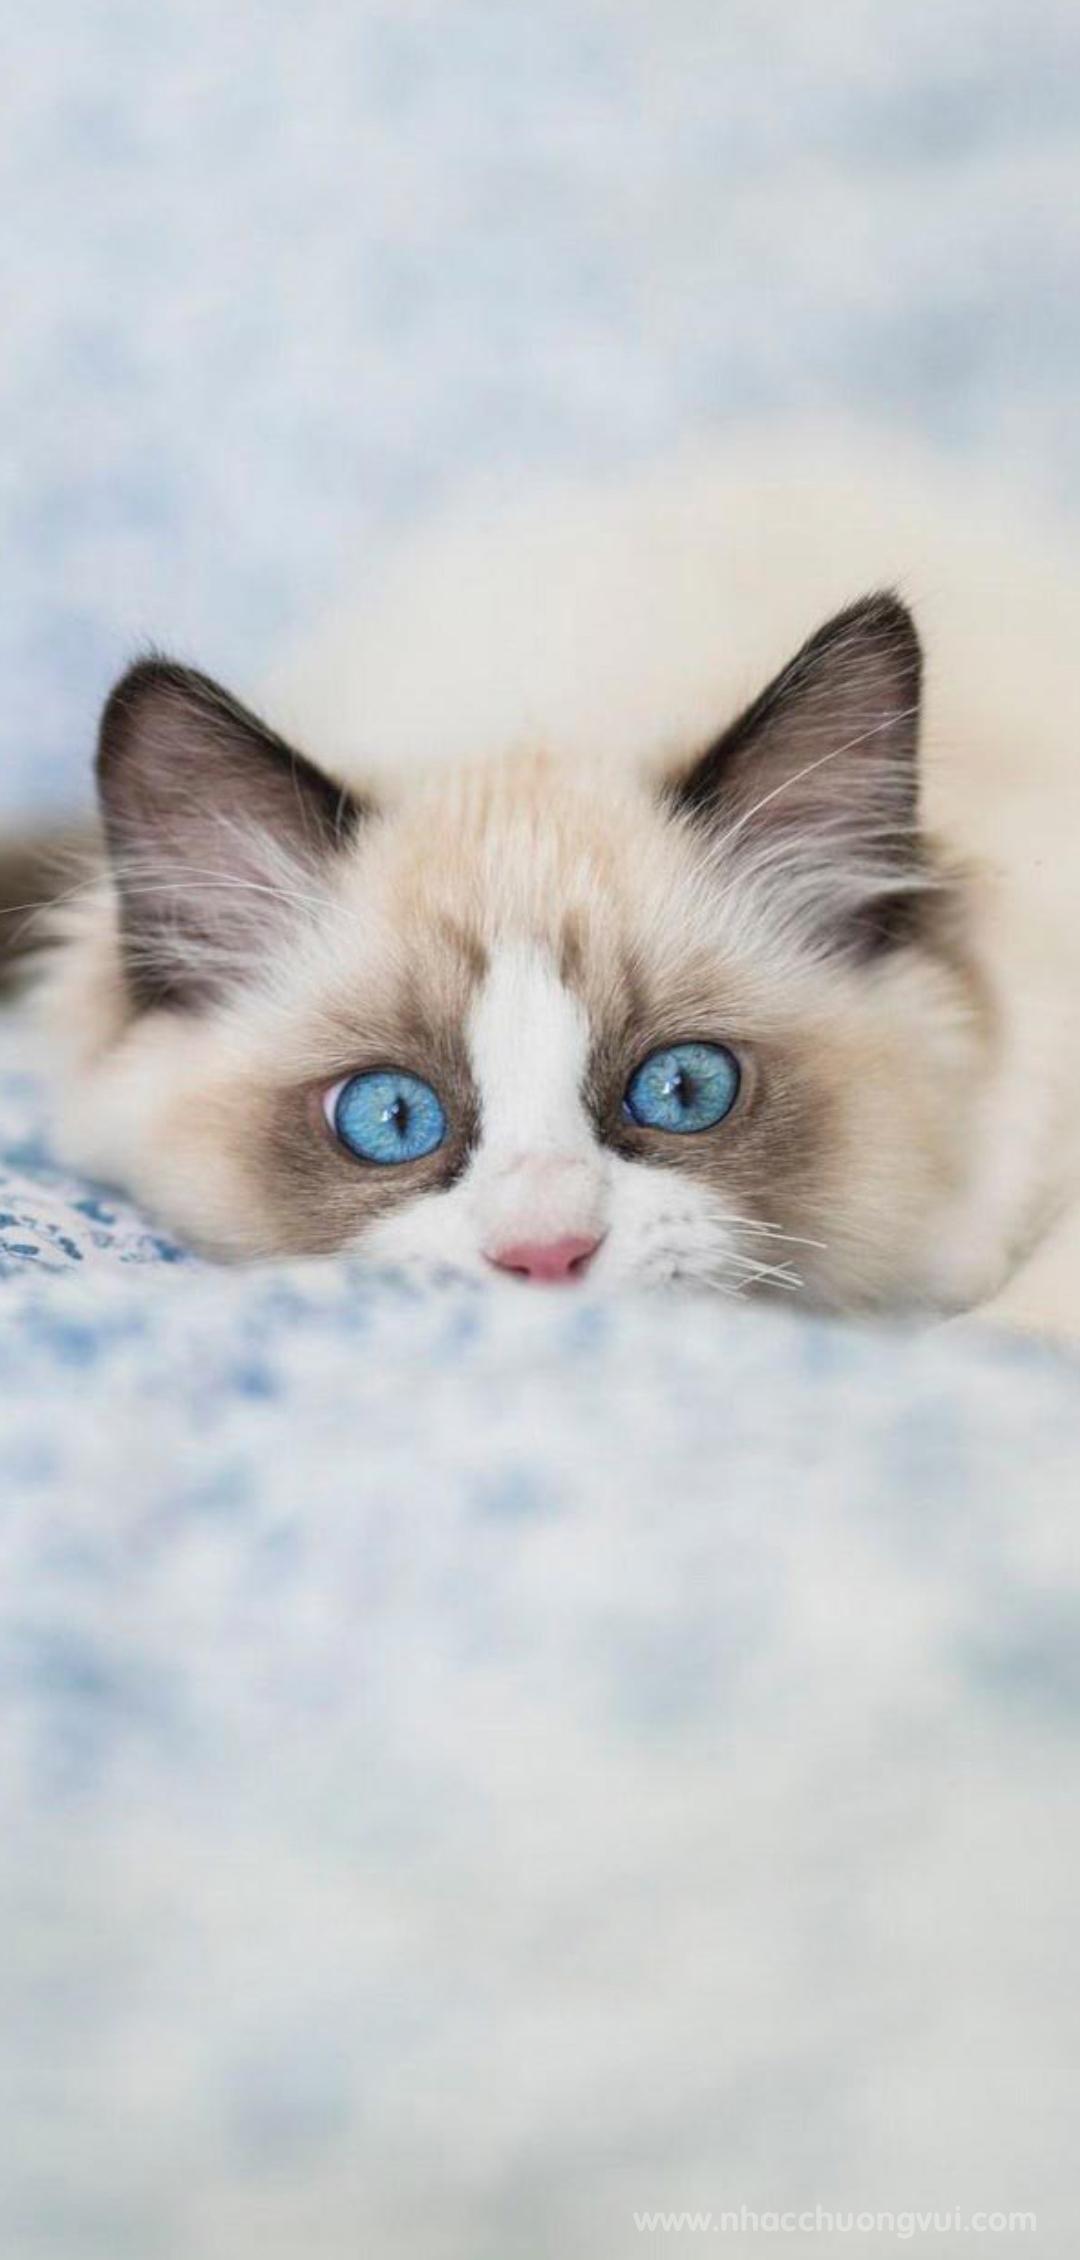 Hình nền mèo cho điện thoại dễ thương nhất 30